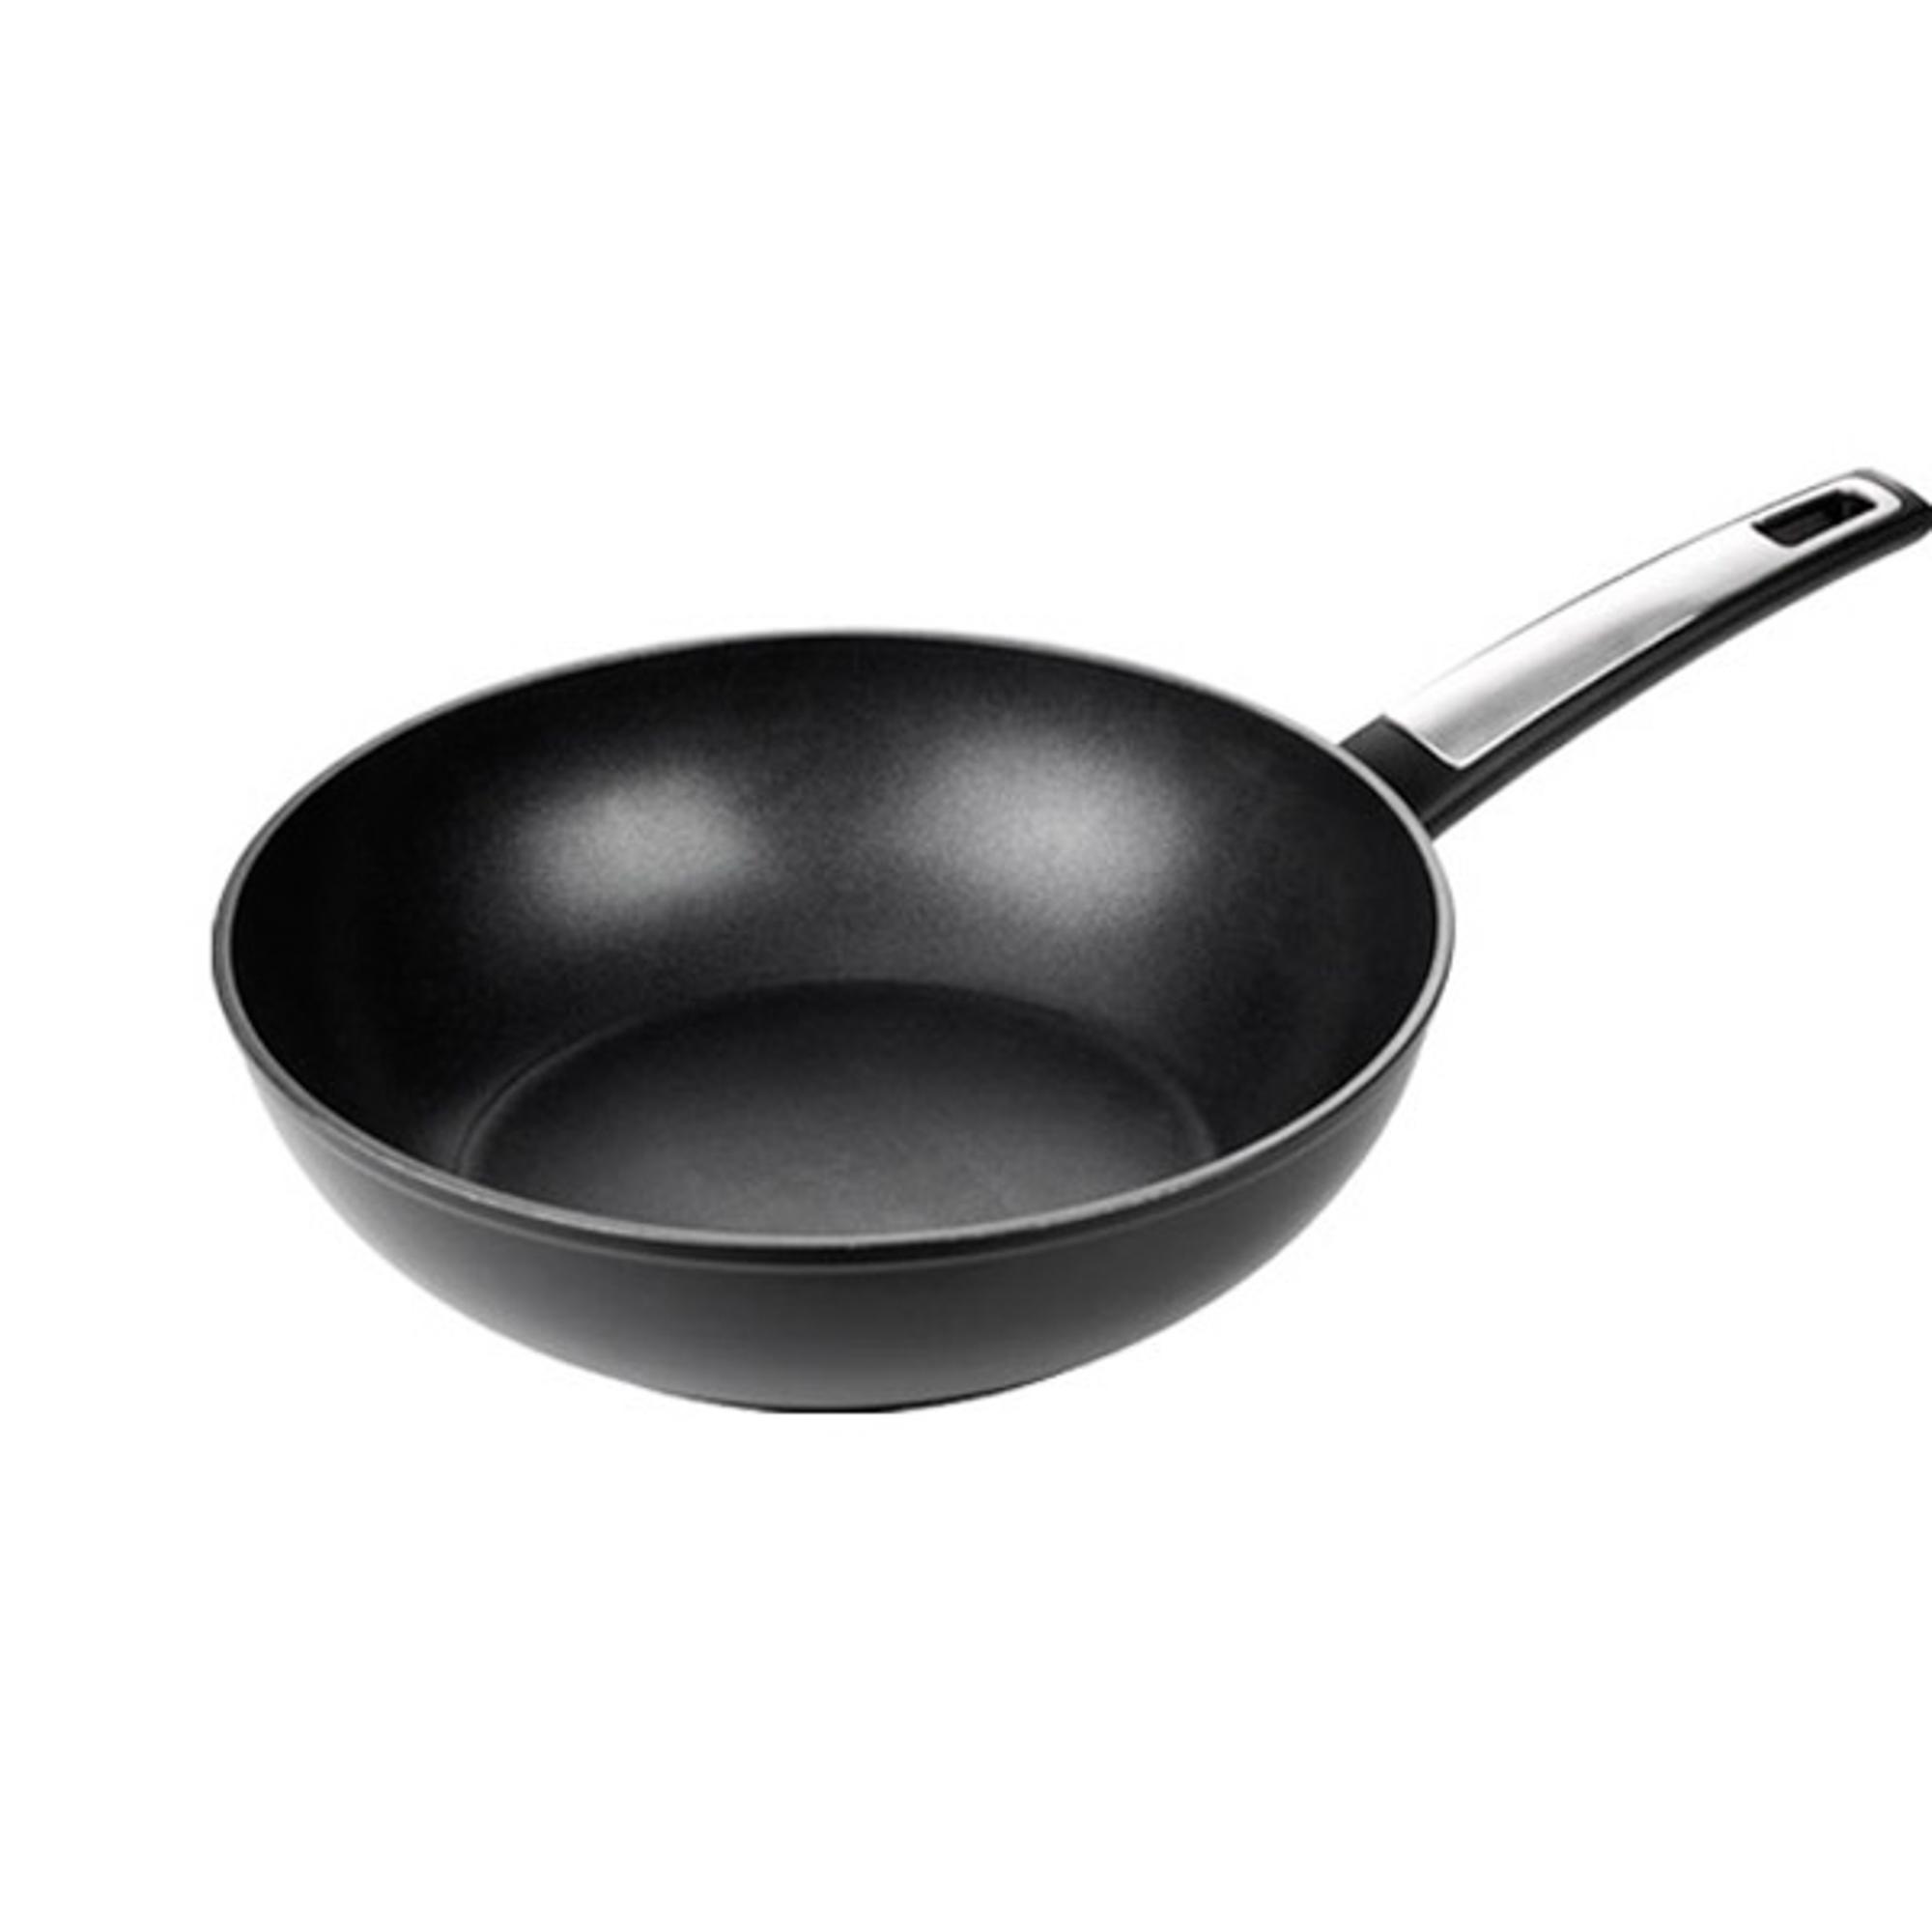 Купить Сковорода wok i-premium 28 см Tescoma, Чехия, сталь нержавеющая